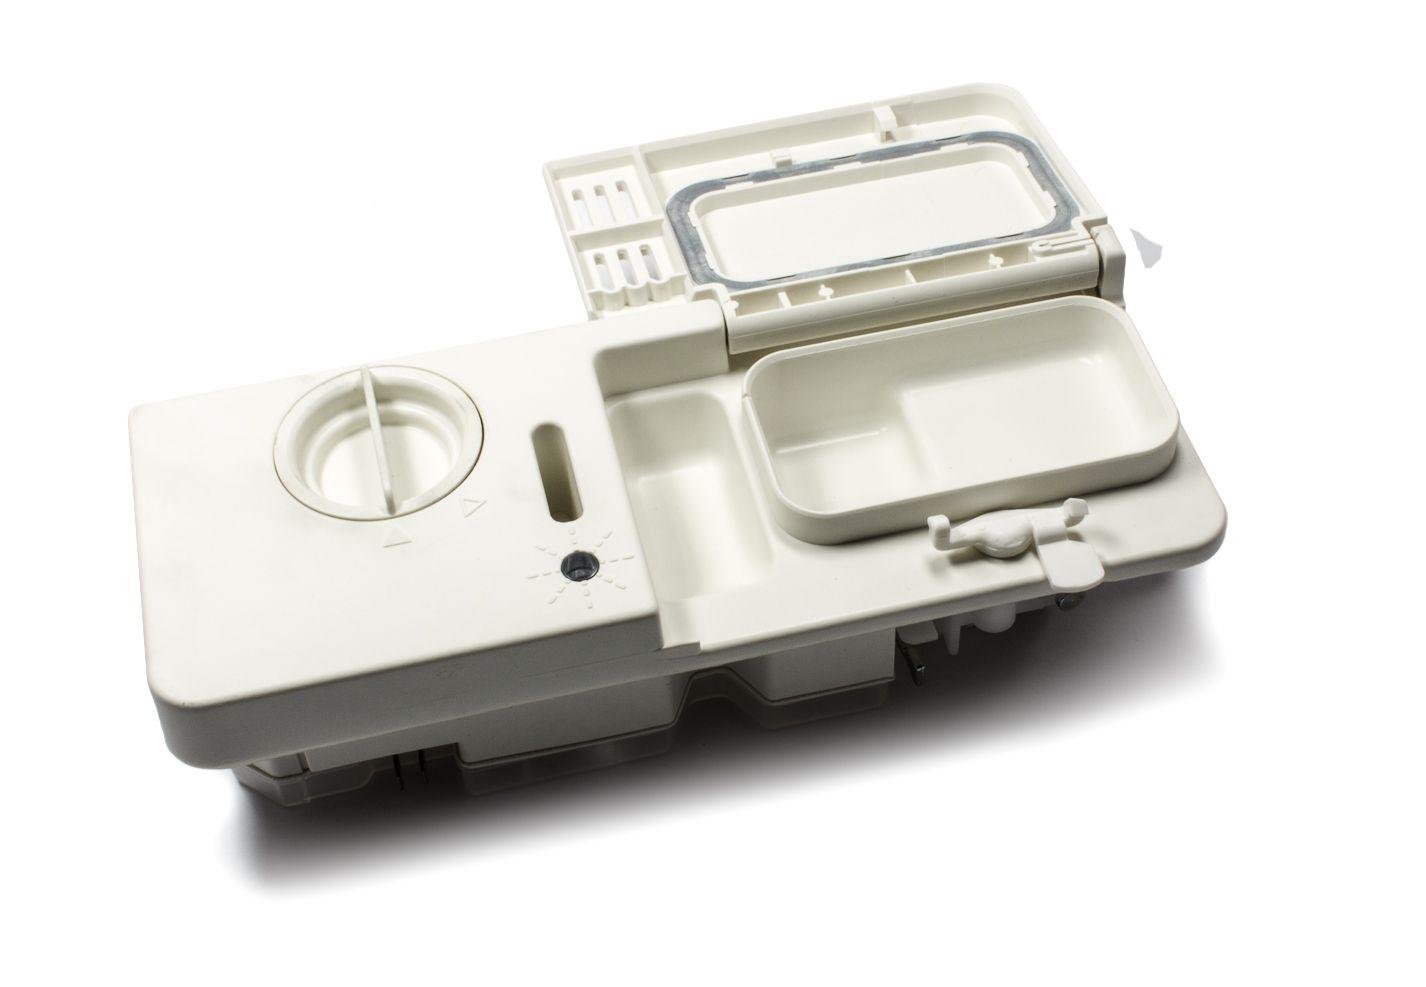 alternativní násypka do myček AEG, Electrolux, Zanussi - 50247911006 AEG / Electrolux / Zanussi